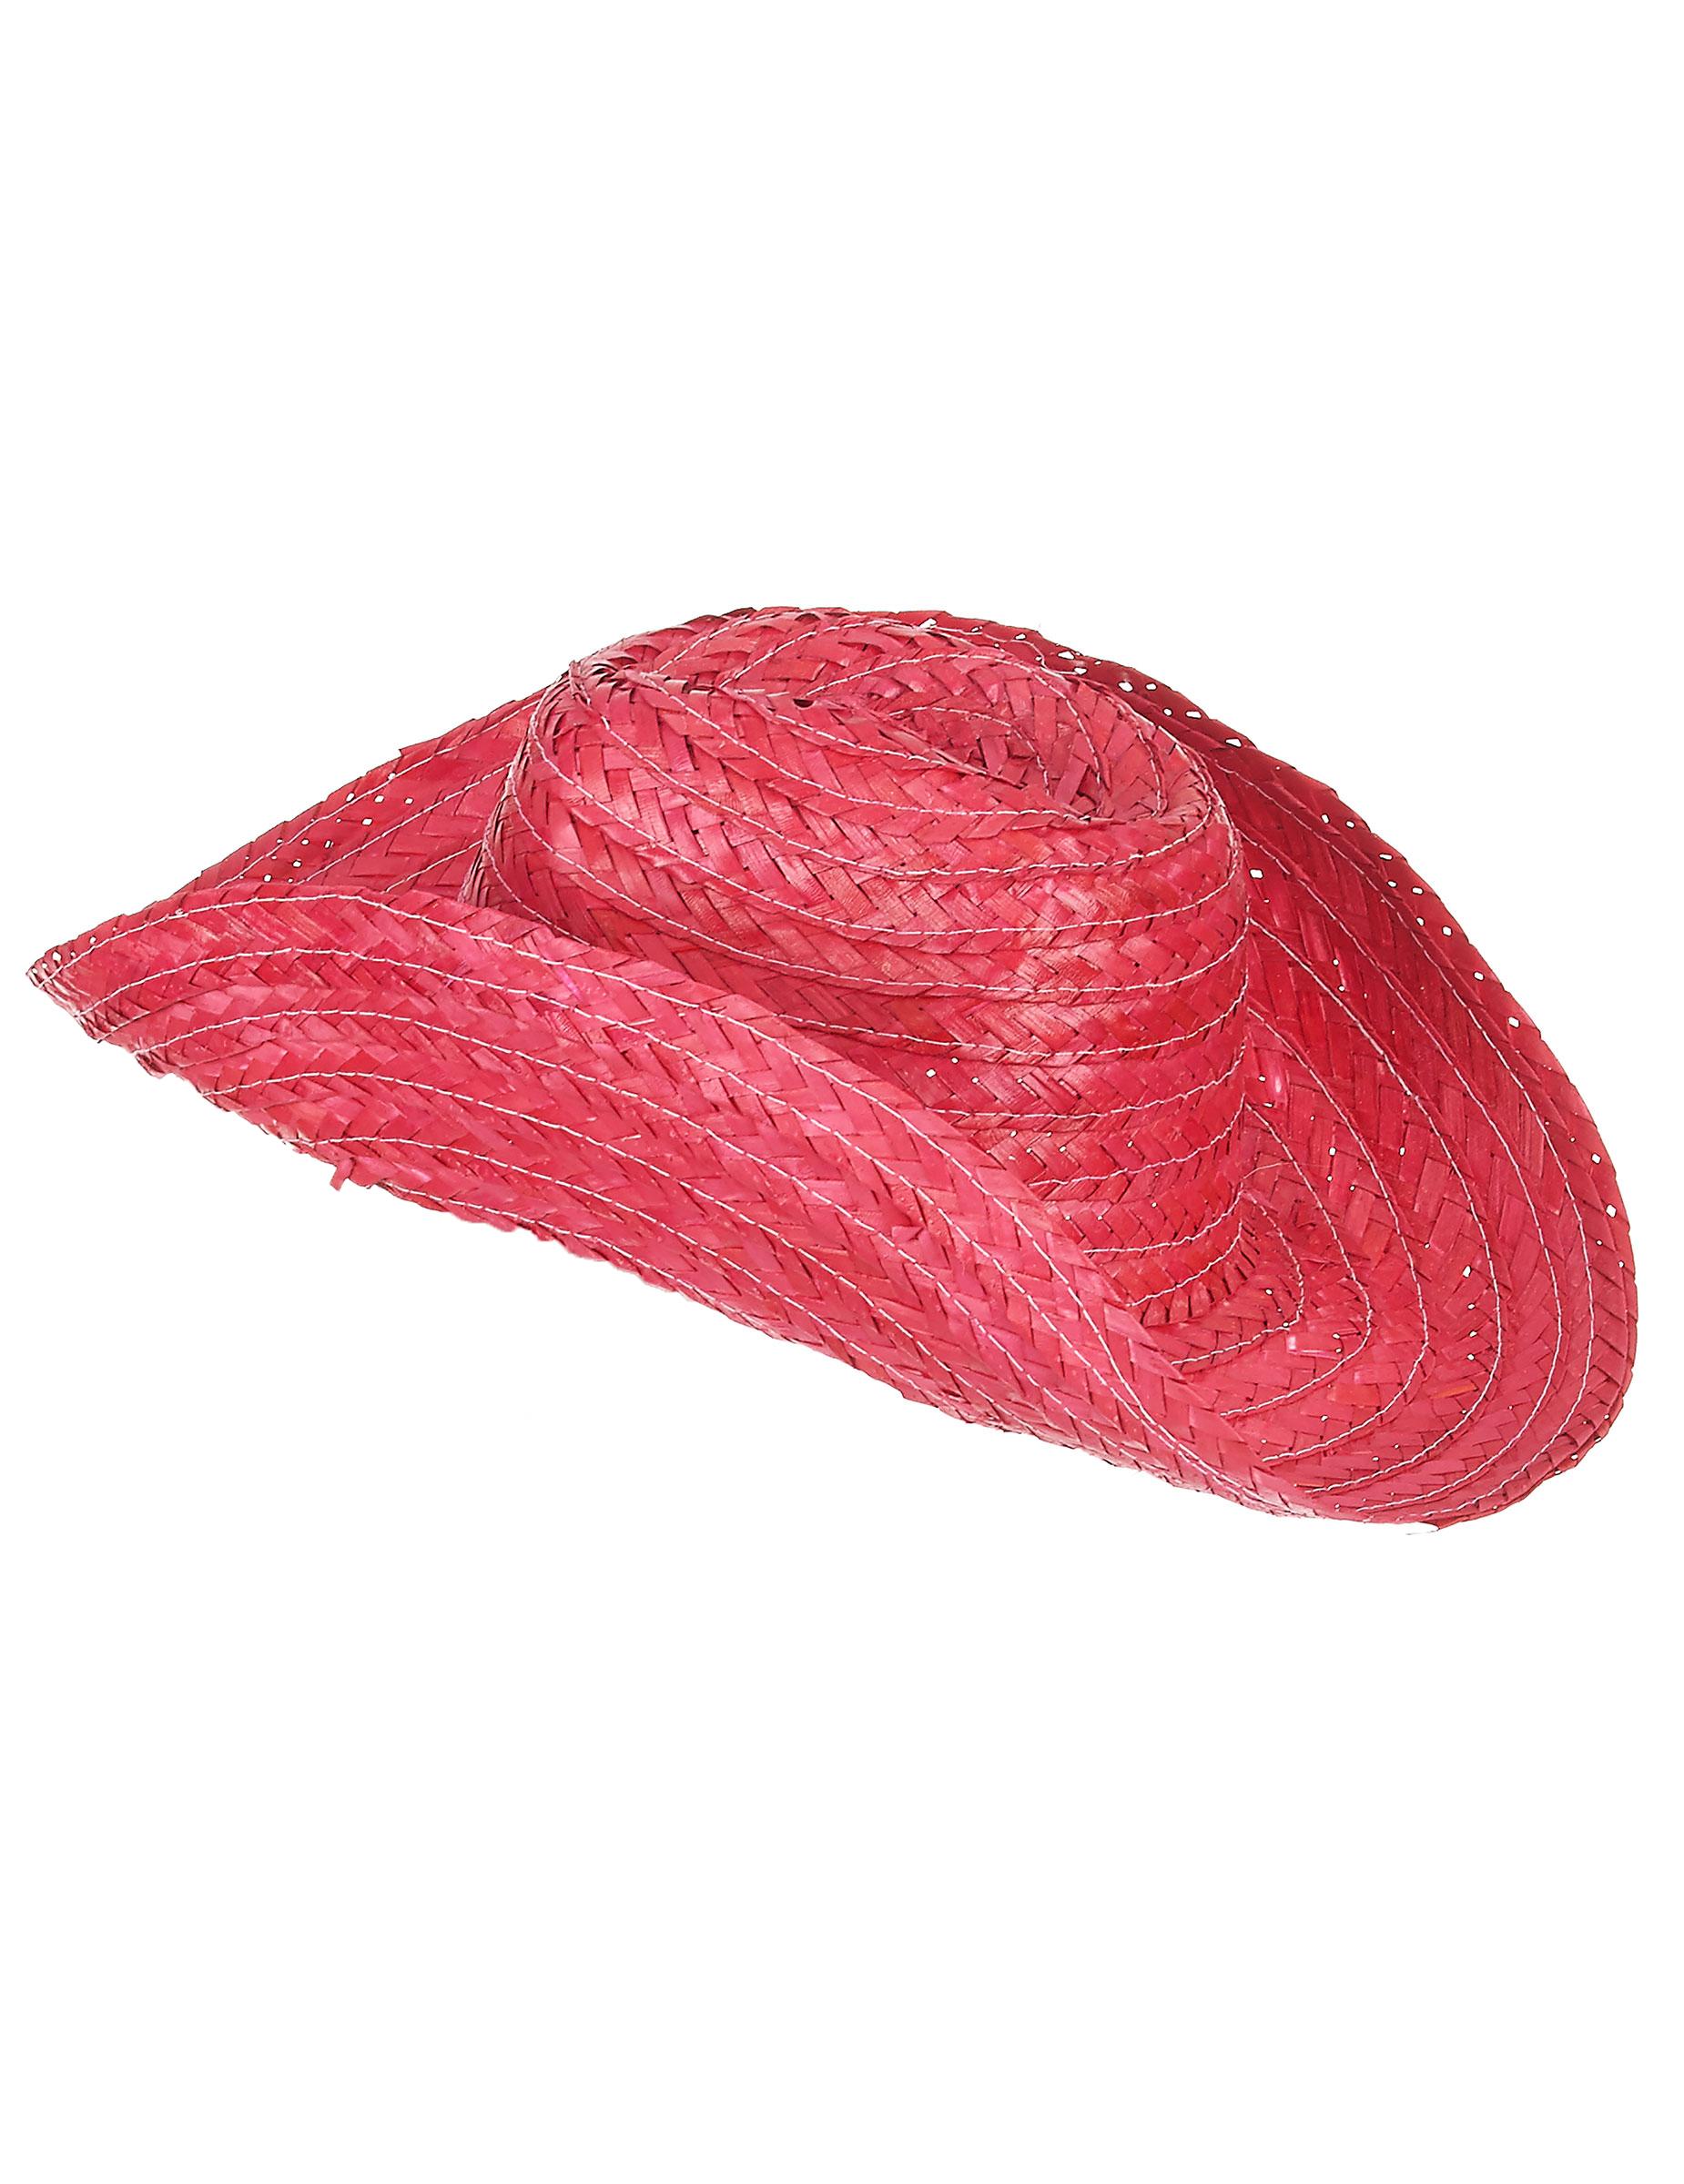 Cappello da Cowboy rosa per adulti su VegaooParty 32eca164e33c